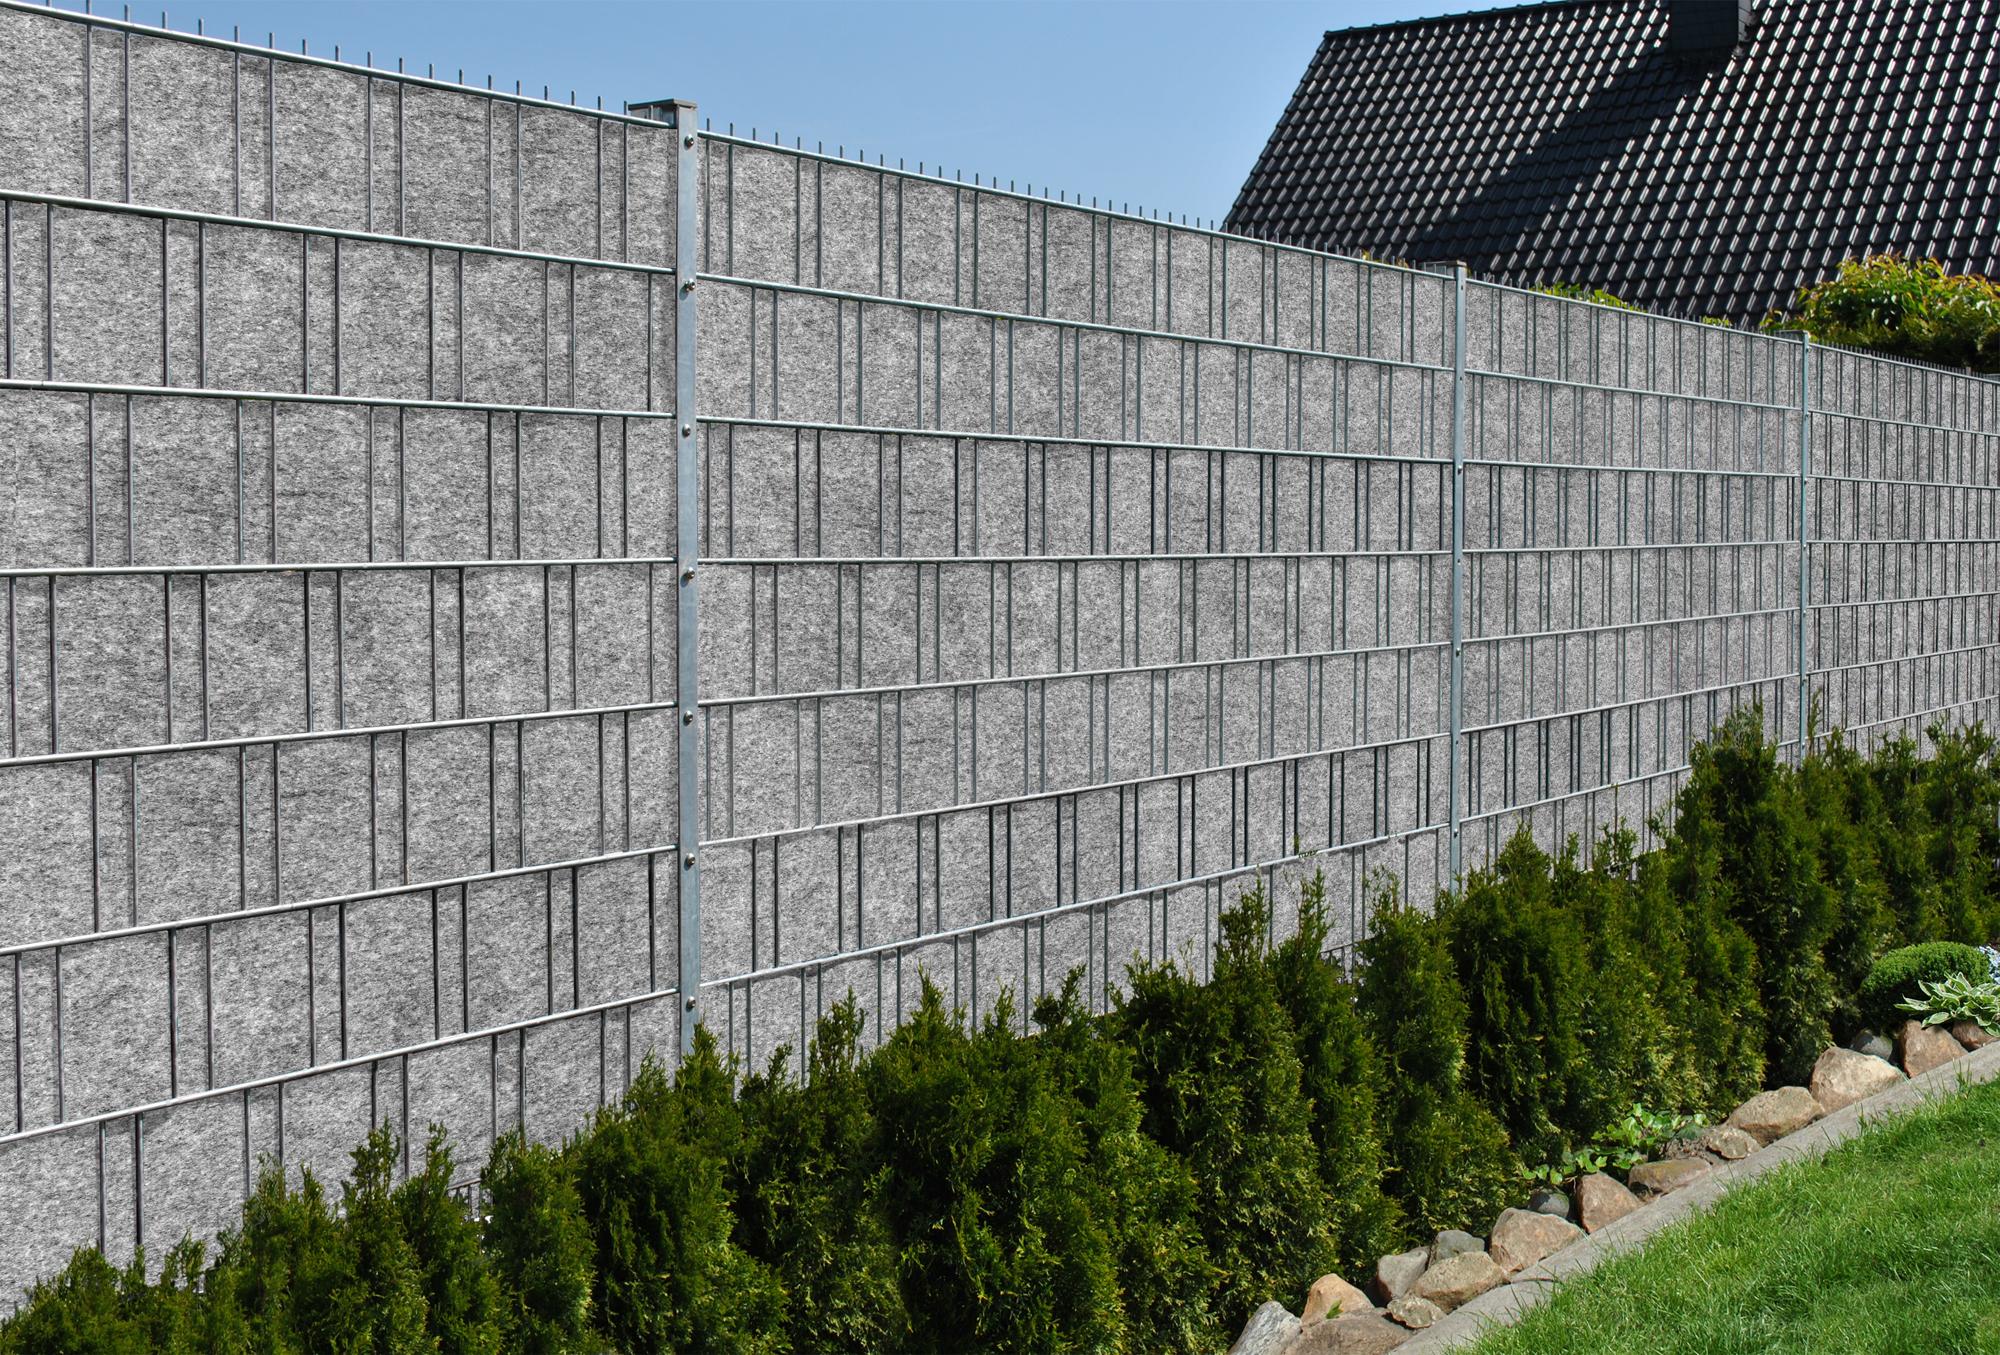 Sichtschutz Venezia Hellgrau 1 Rolle 26m Fur Doppelstabmatten